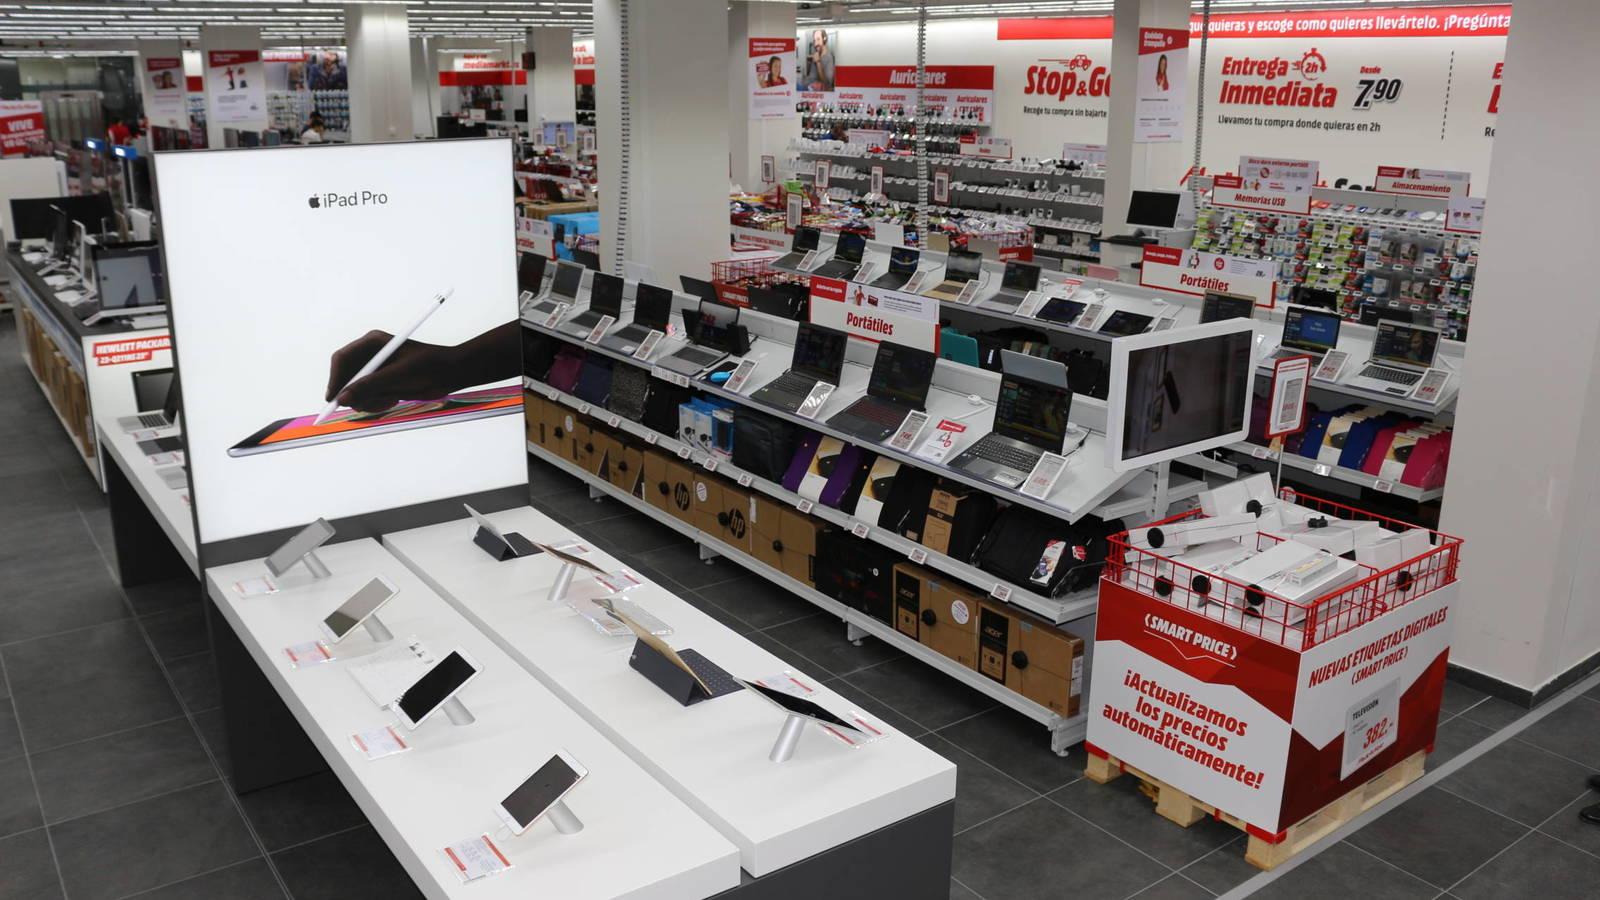 Media Markt inaugura su tienda en Murias Parque Melilla